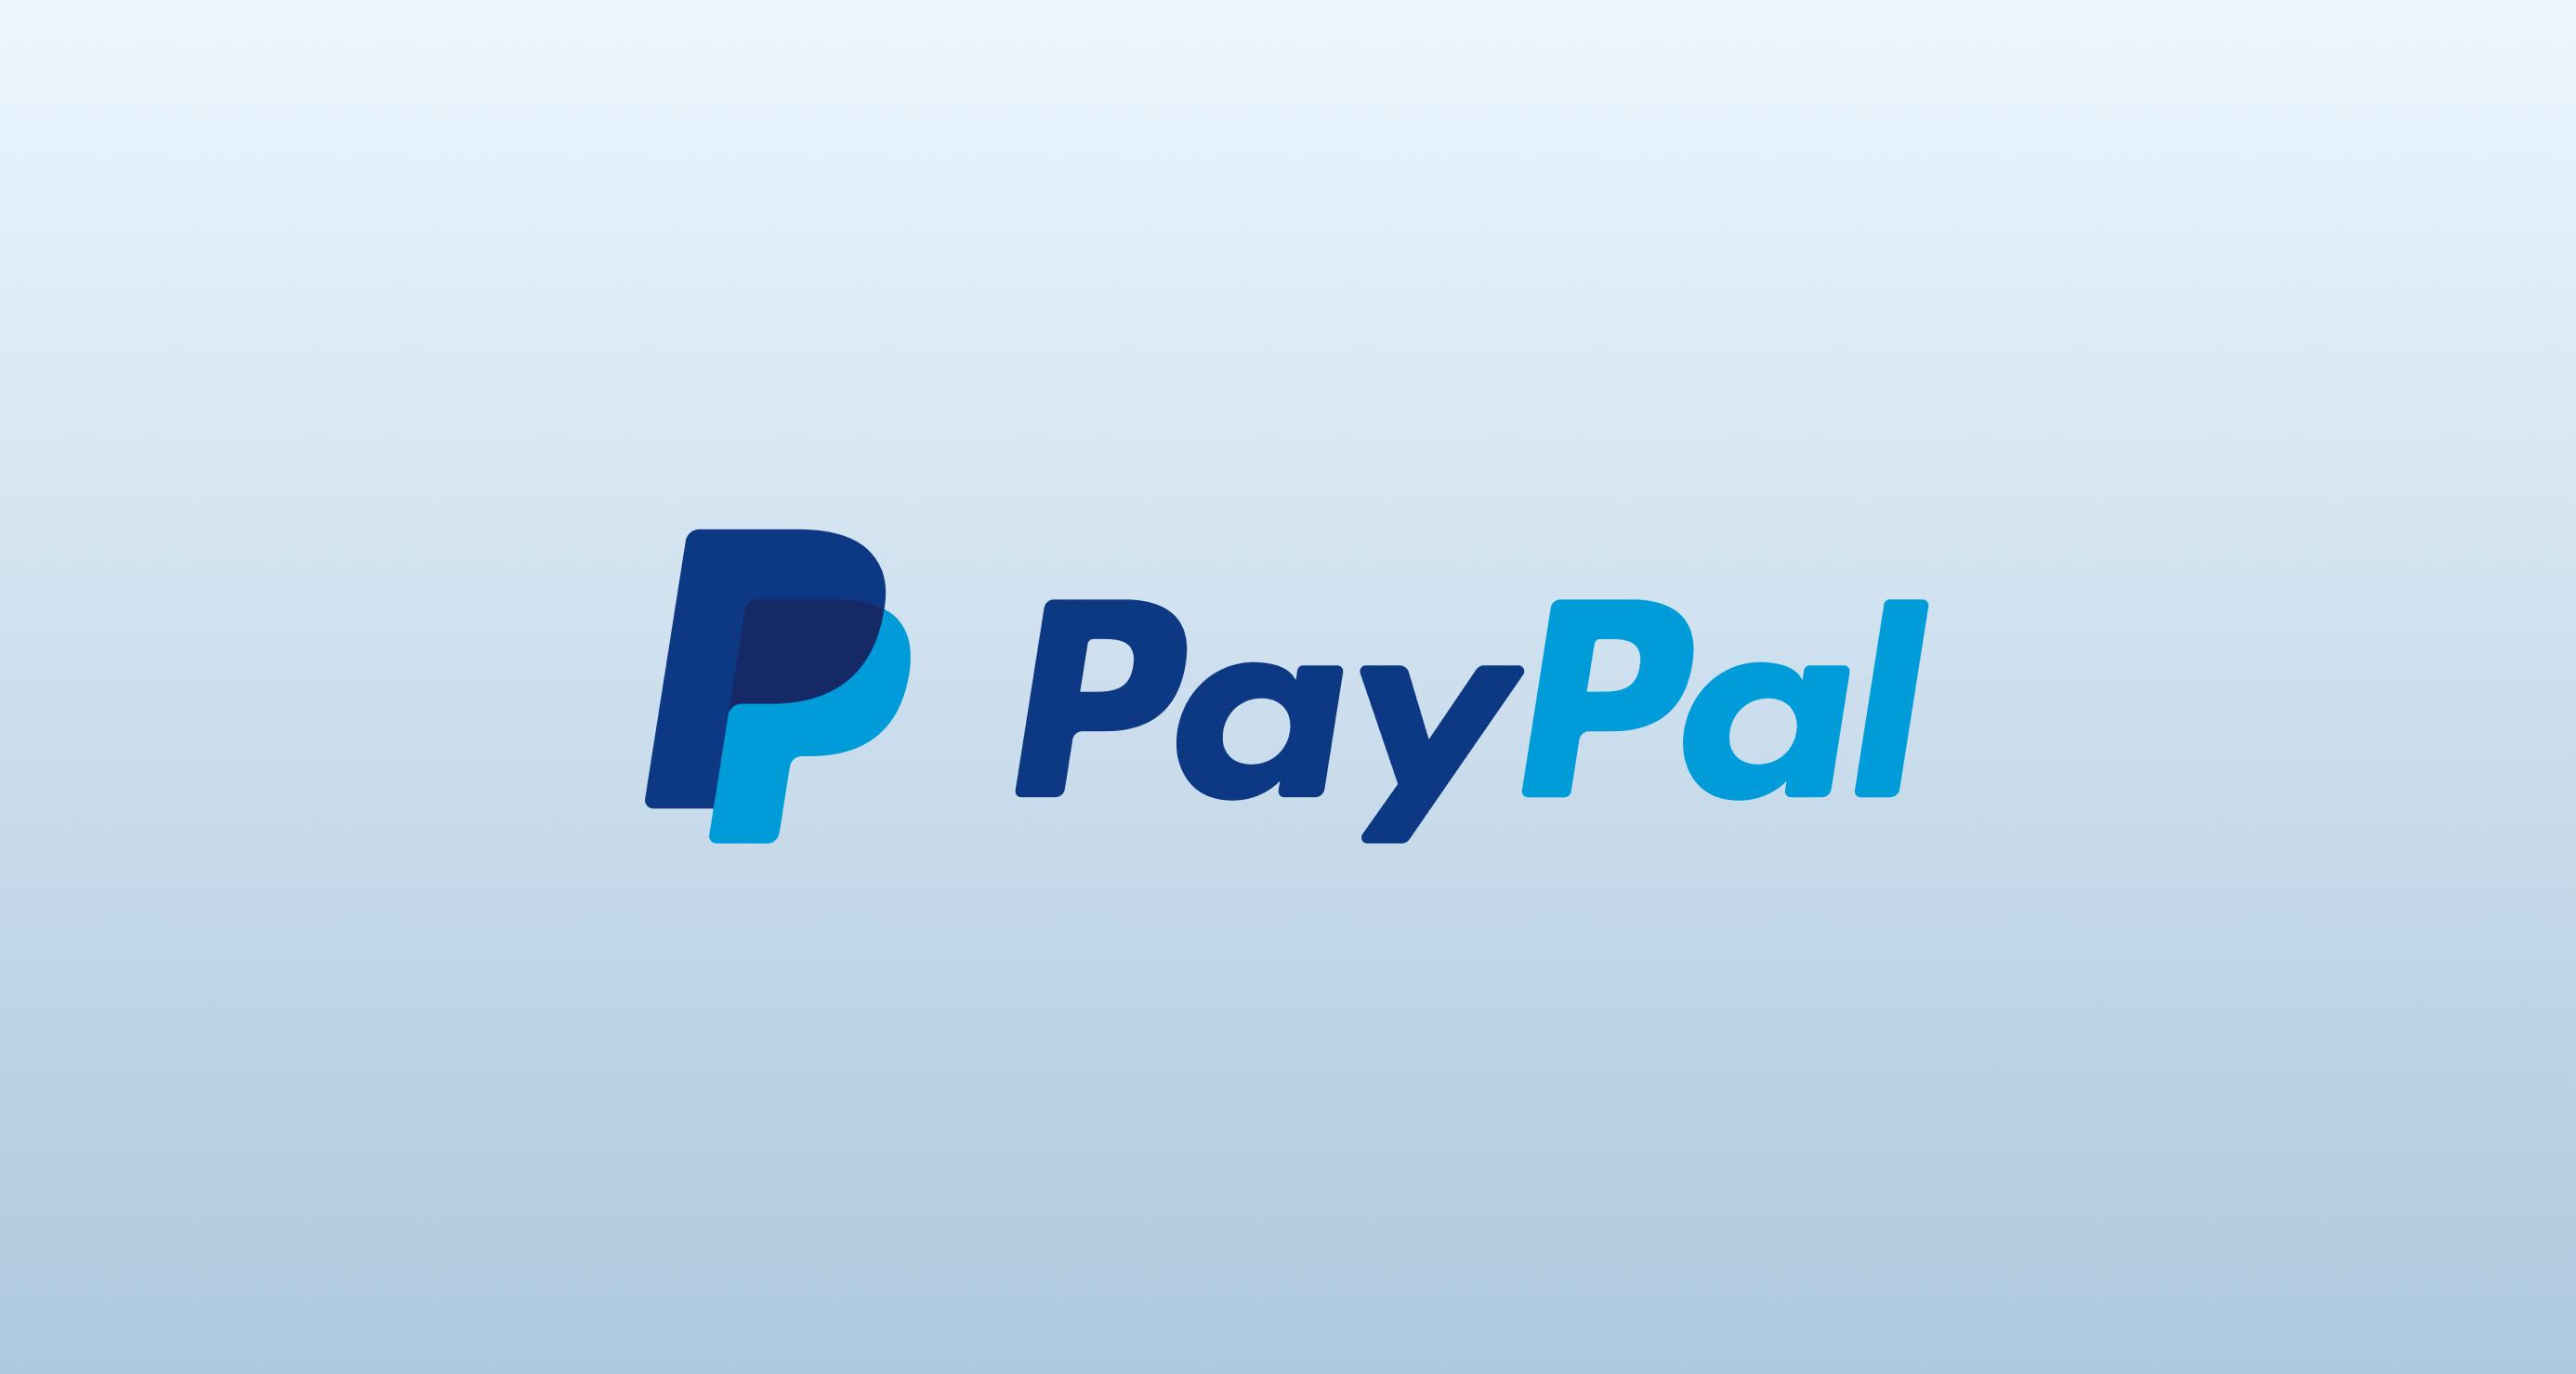 Te explicamos paso a paso lo que son las cuotas con y sin intereses y como poder tener meses sin intereses con Paypal.